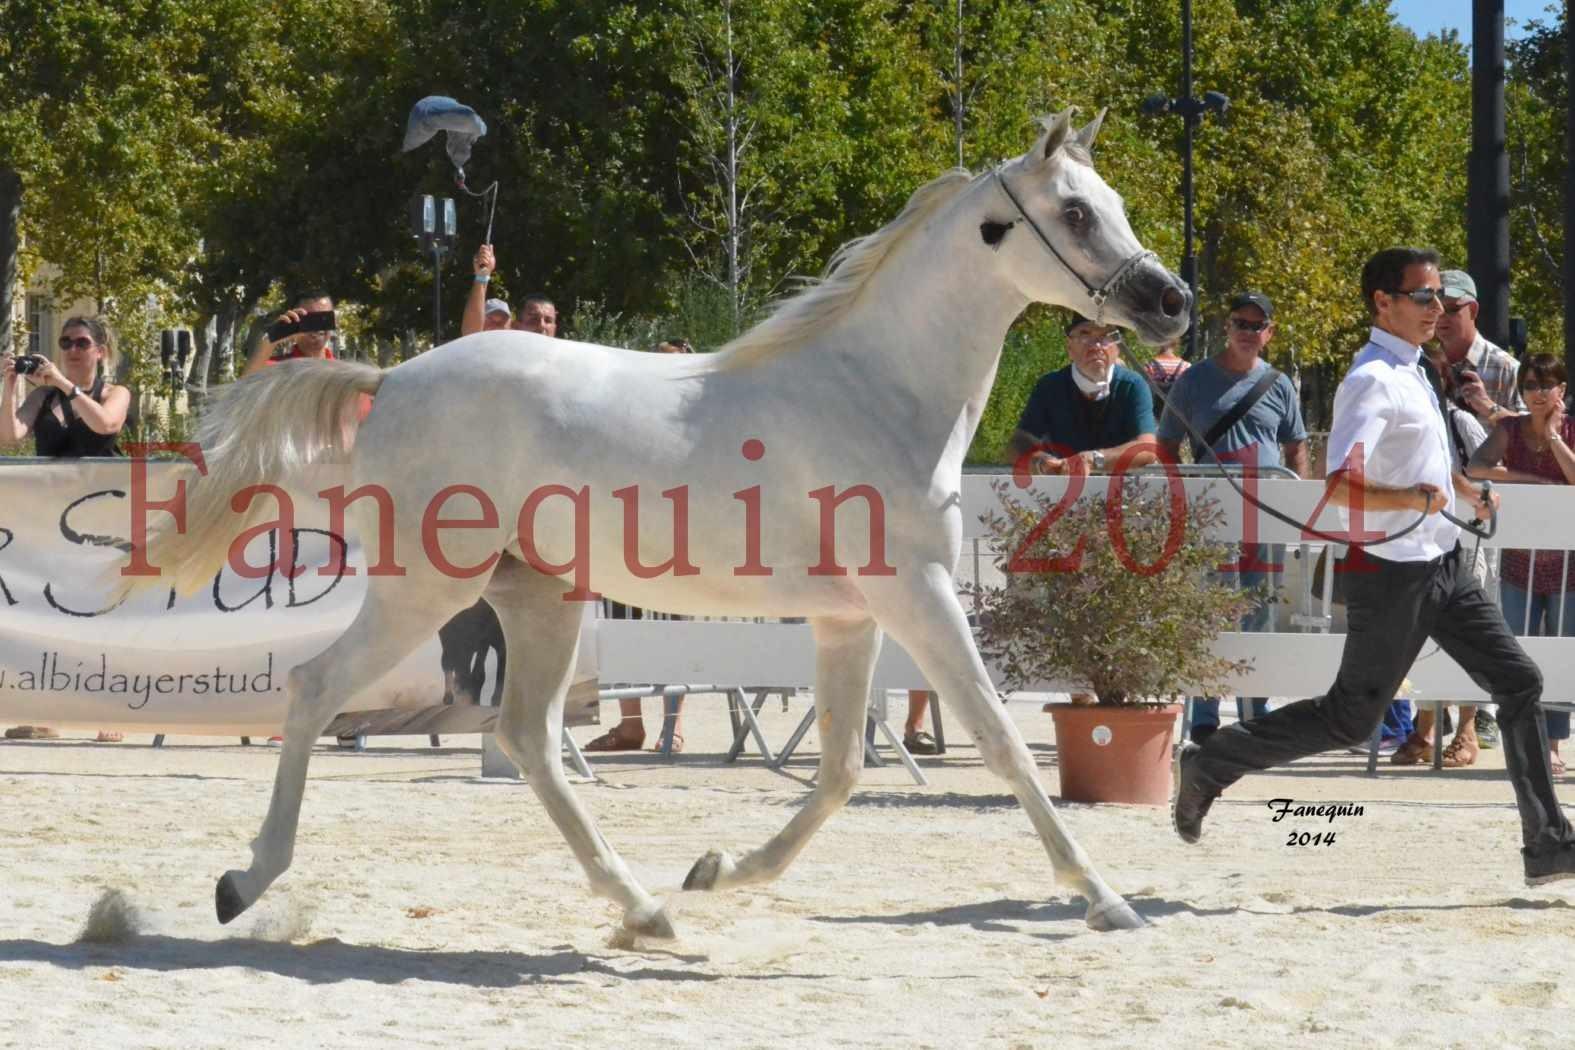 Concours National de Nîmes de chevaux ARABES 2014 - ENVY ETERNITY - 14